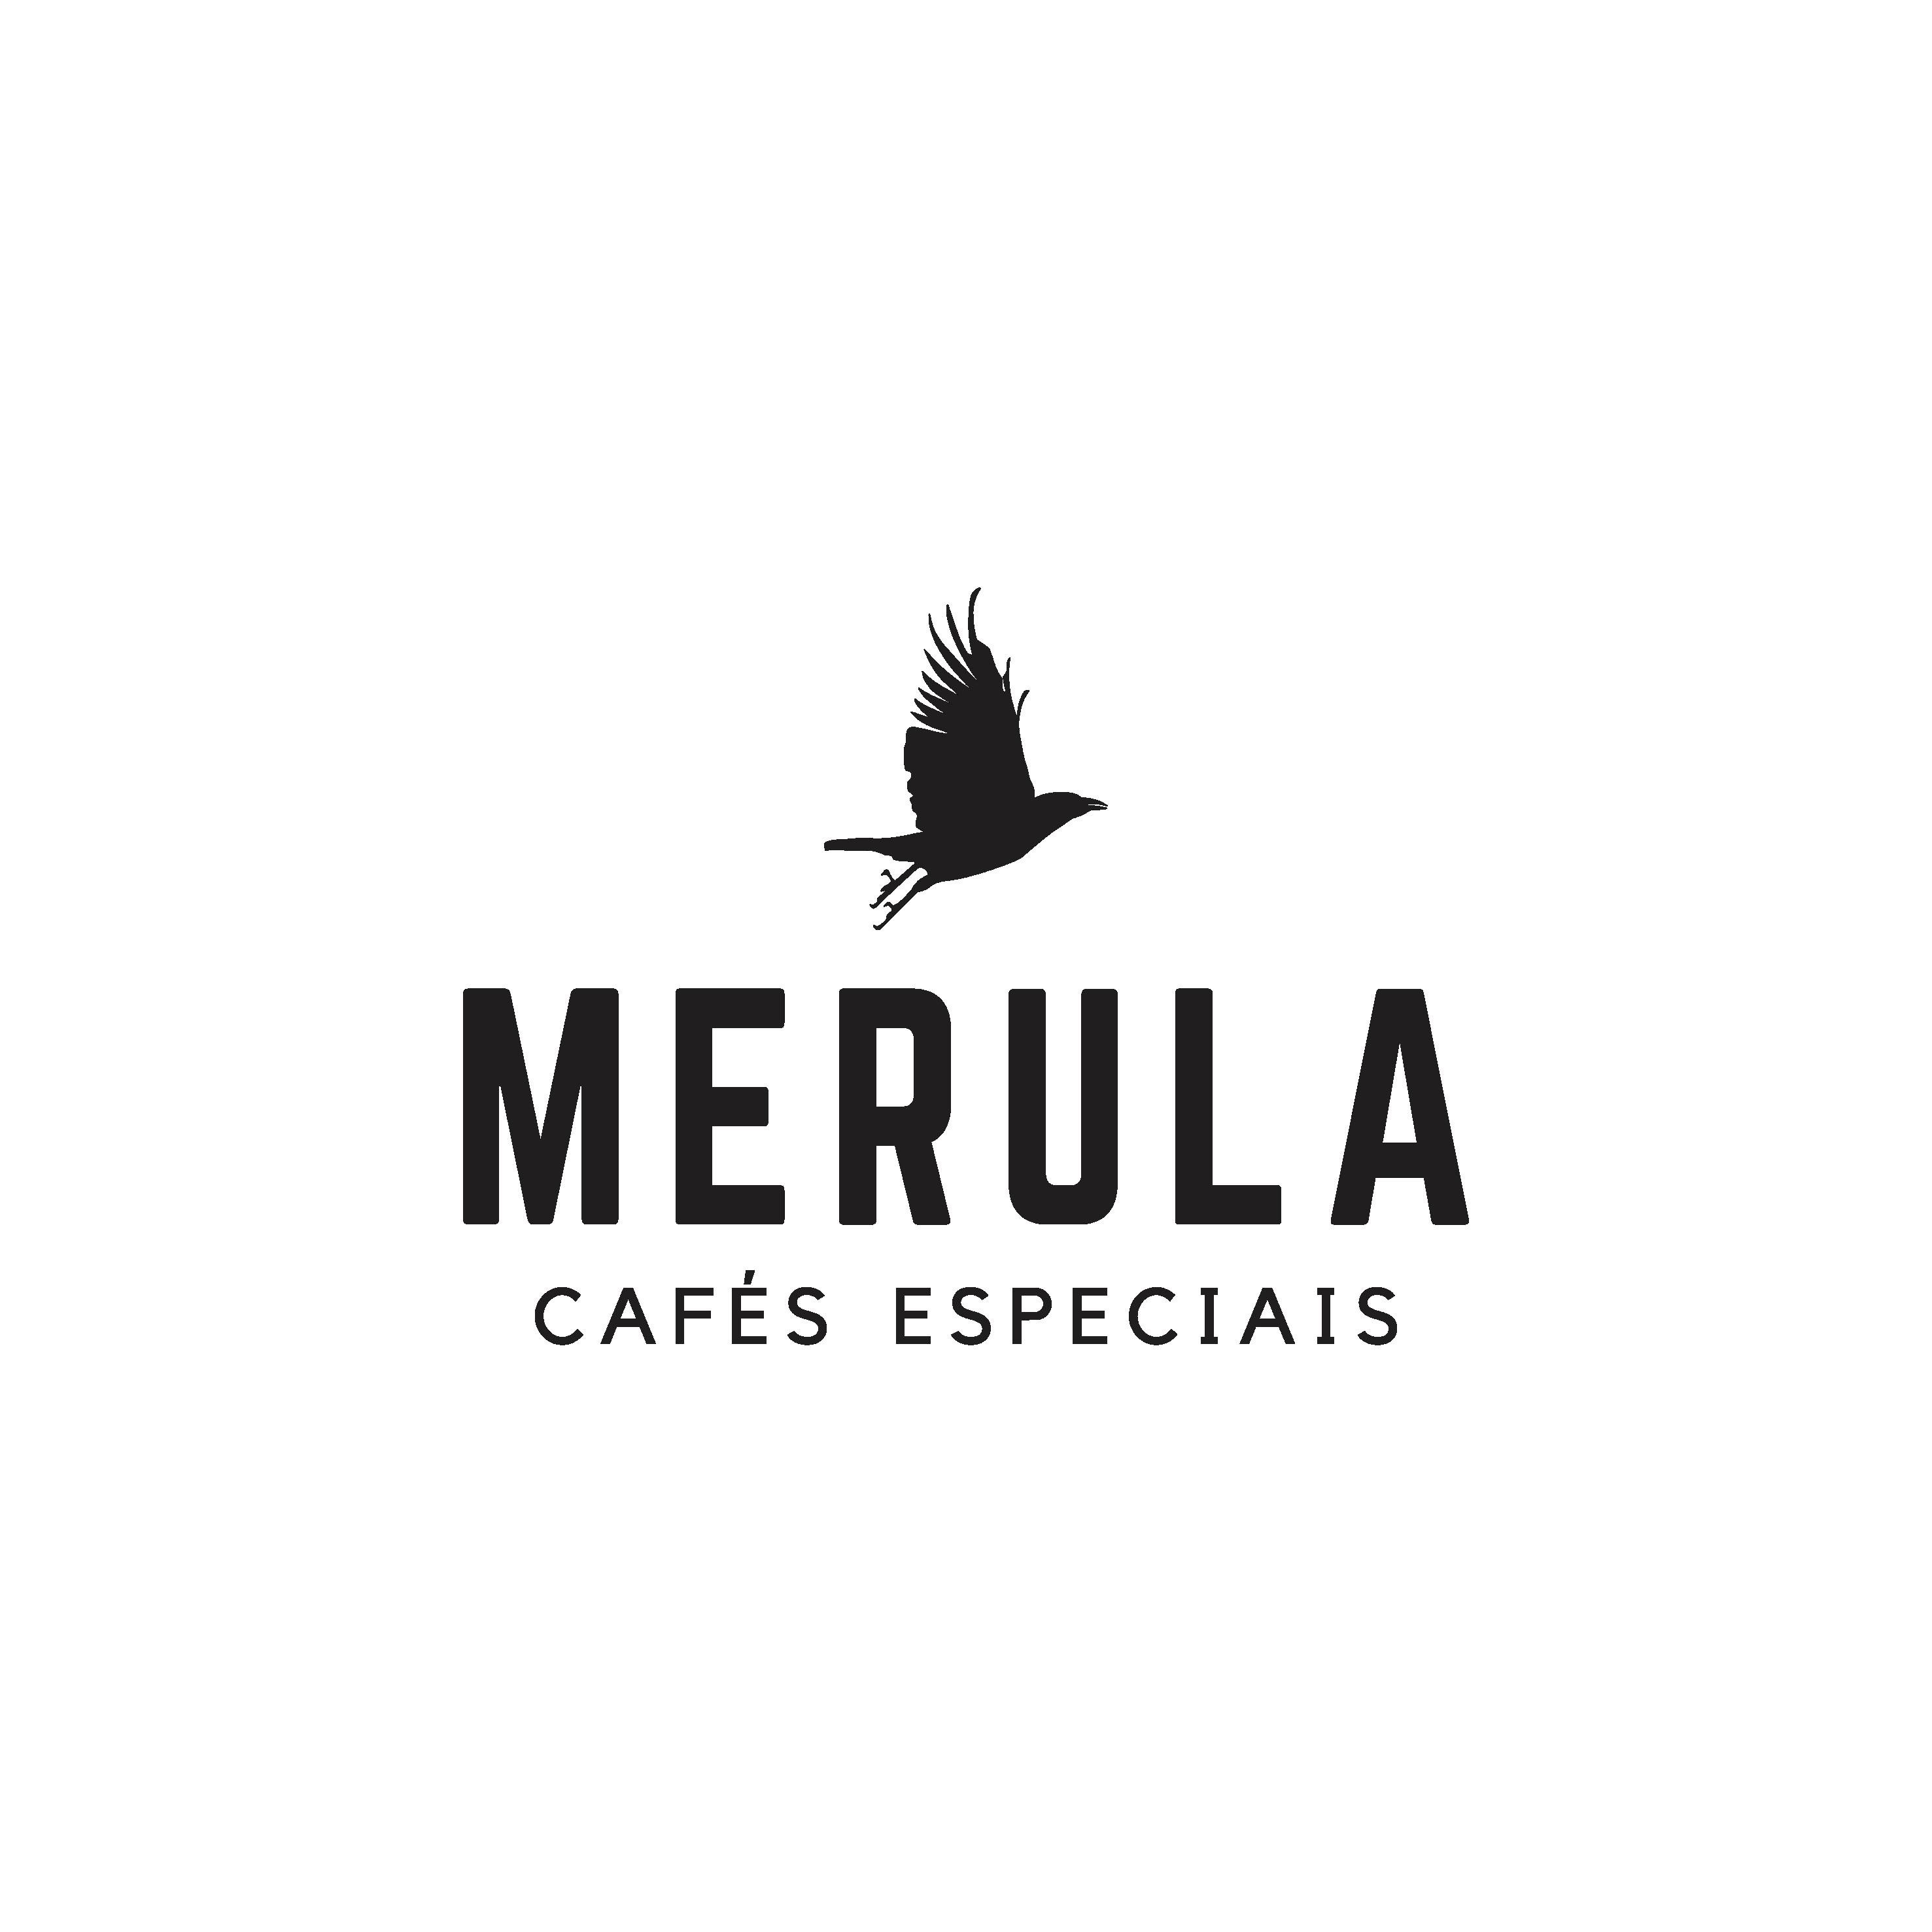 merula-cafes-especiais